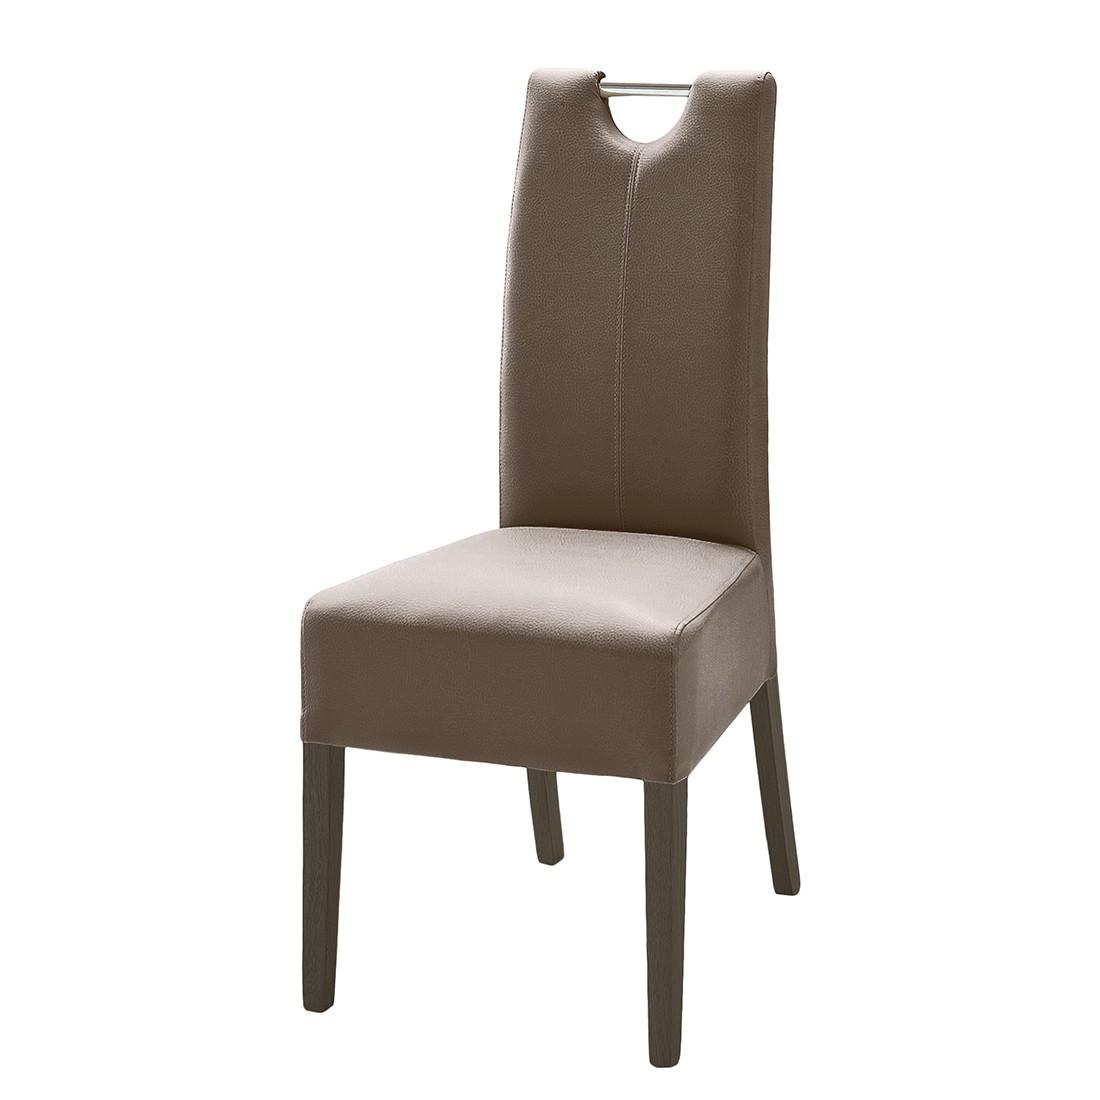 esszimmerstuhl lenya 2er set kunstleder cappuccino. Black Bedroom Furniture Sets. Home Design Ideas